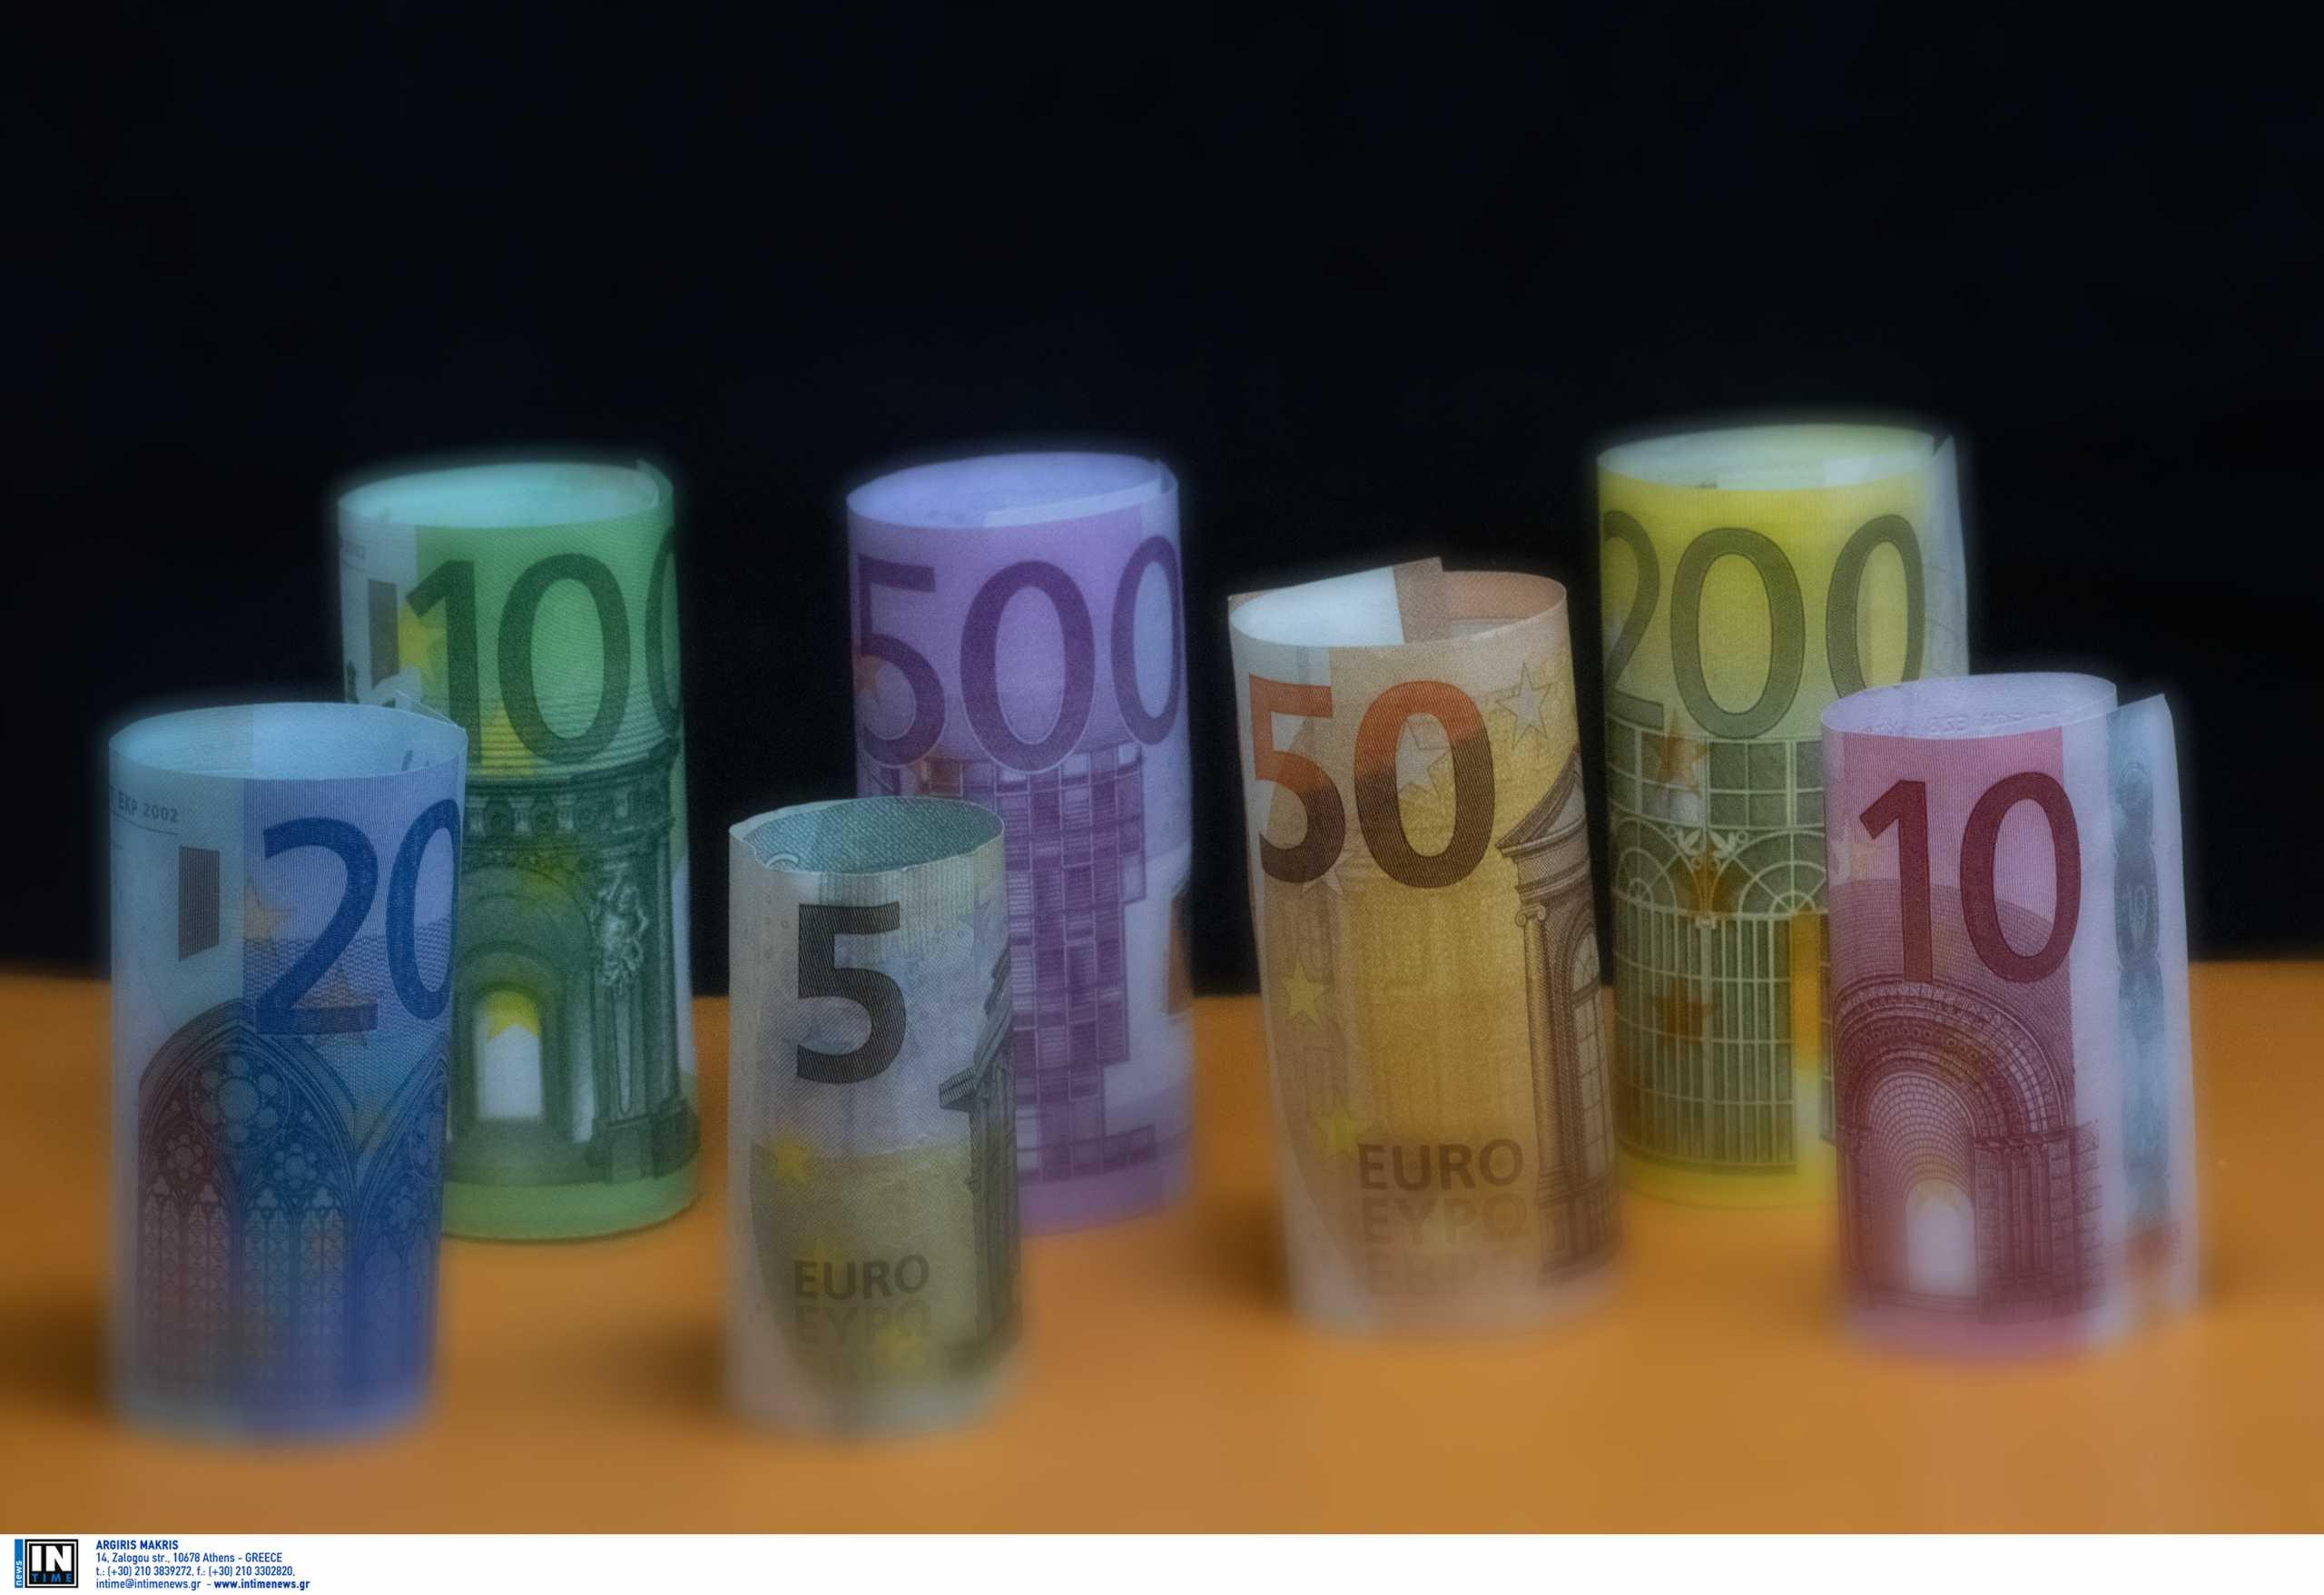 ΑΑΔΕ: Ξεκινούν στοχευμένοι φορολογικοί έλεγχοι με στόχο την αύξηση των δημοσίων εσόδων